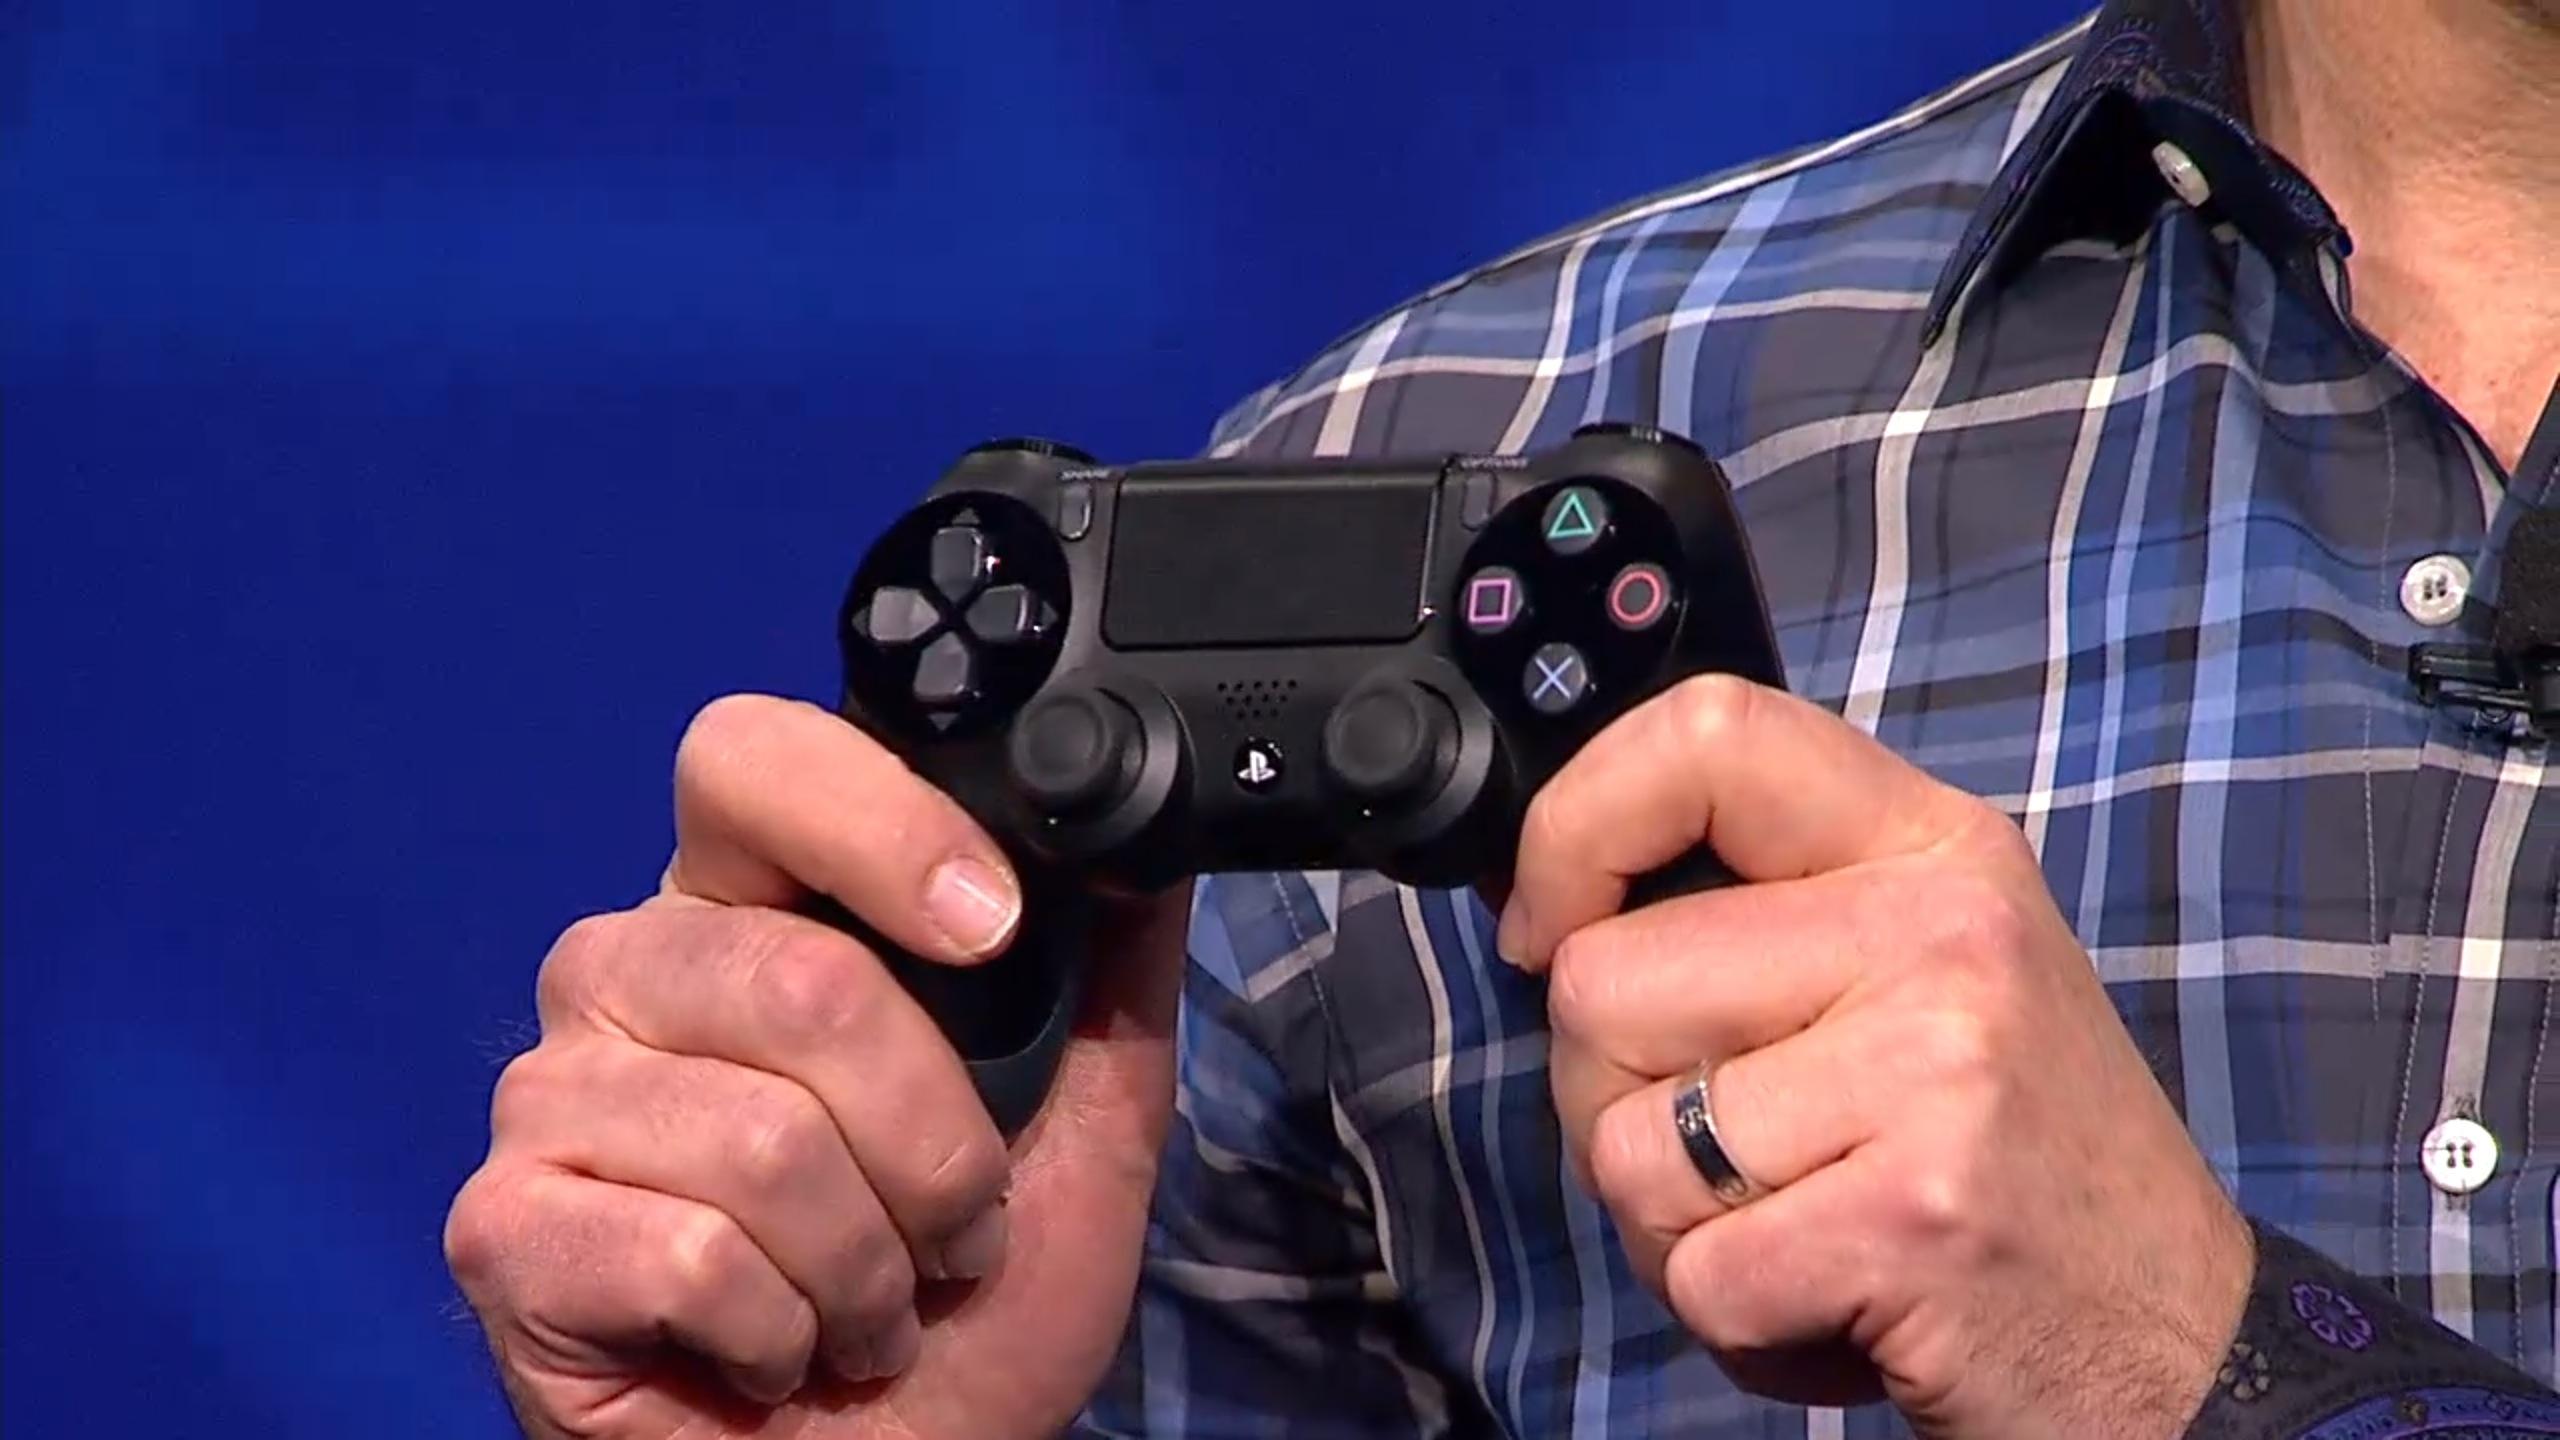 PlayStation 4: vše, co potřebujete vědět 75821